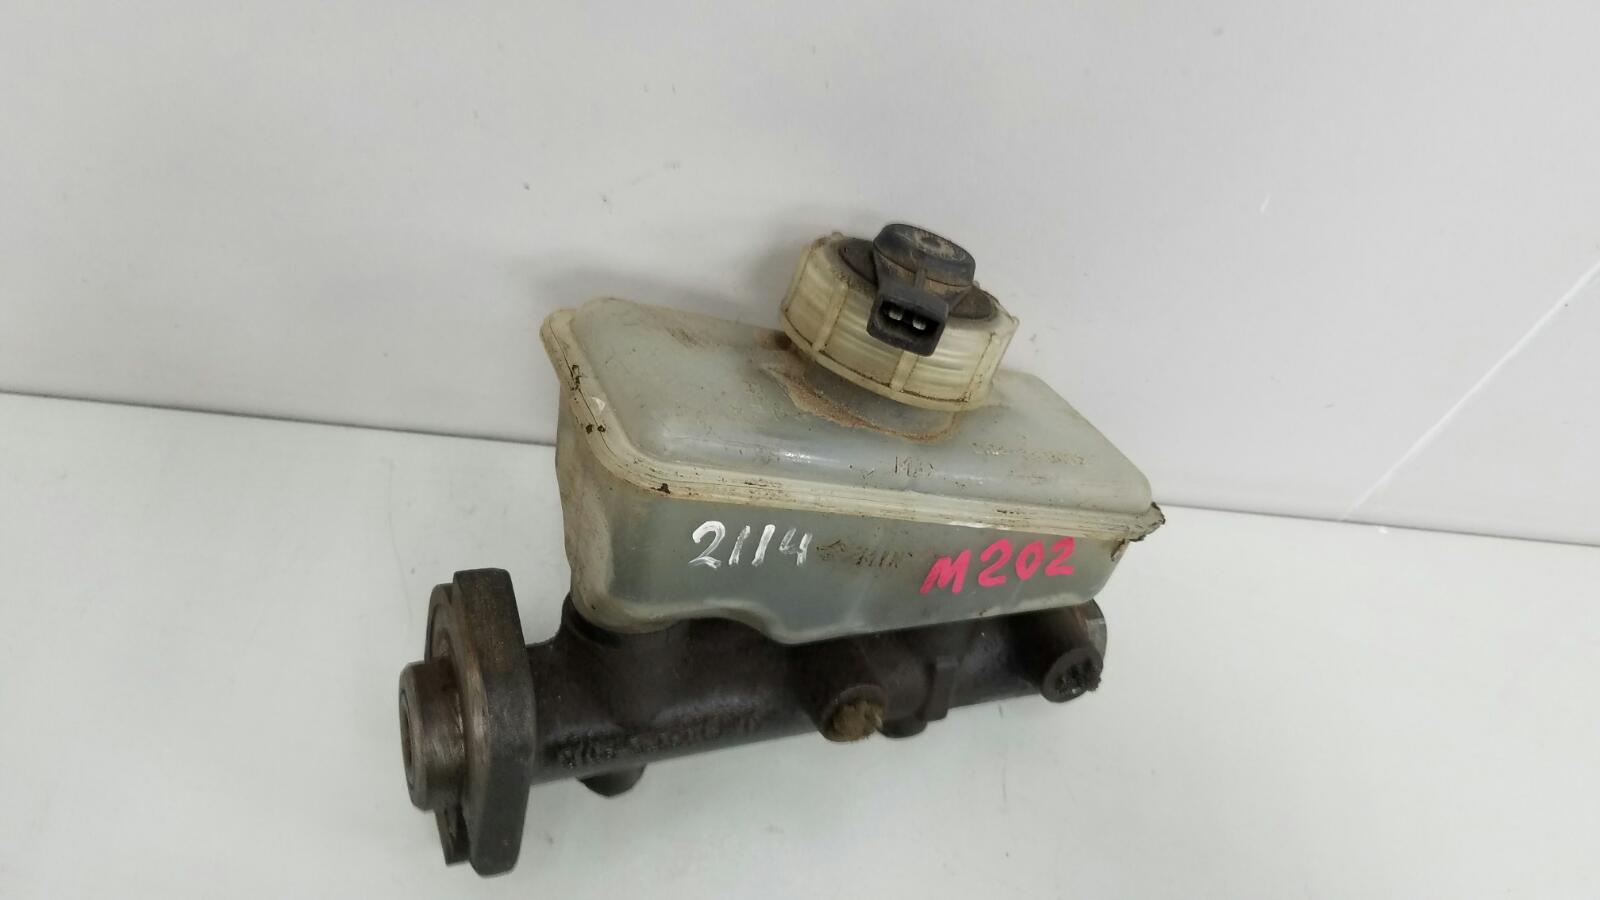 Главный тормозной цилиндр гтц Ваз Лада Самара 2 21140 2111 1.5Л 8КЛ 2006